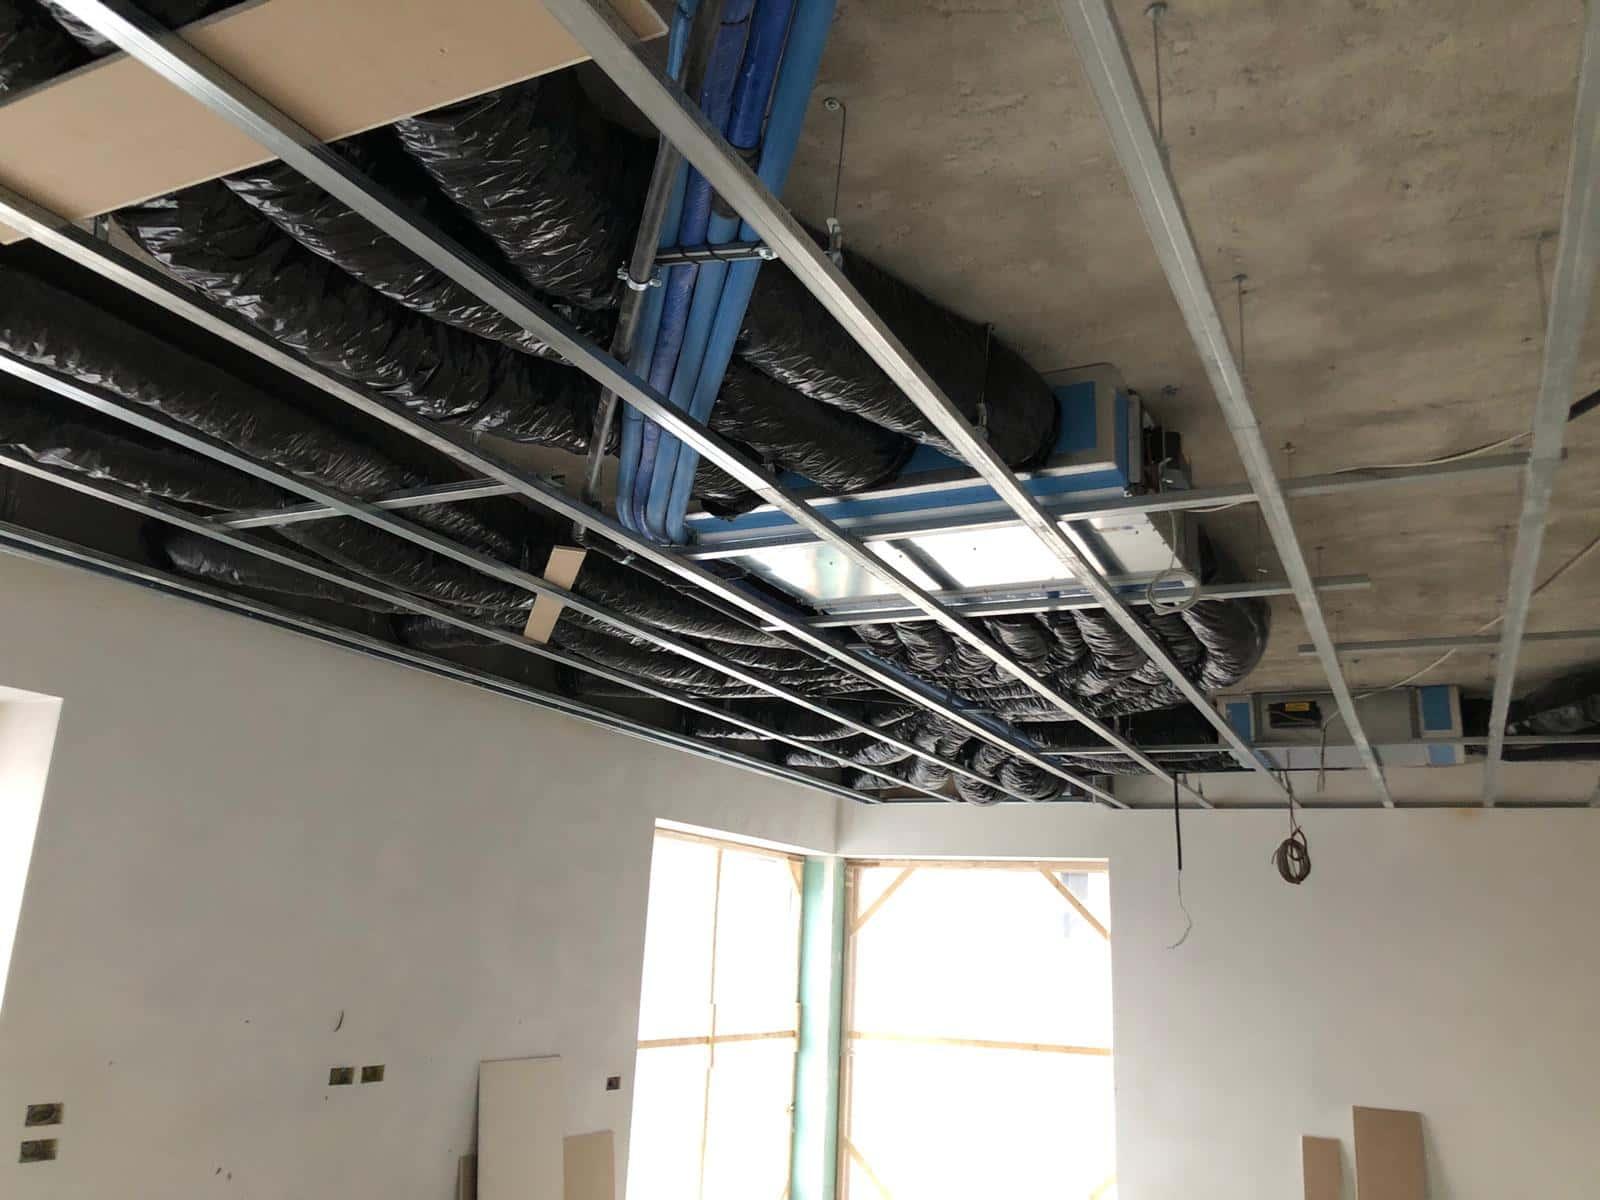 Impianto di trattamento aria abitazione con distribuzione tramite tubazione flessibile isolata 4